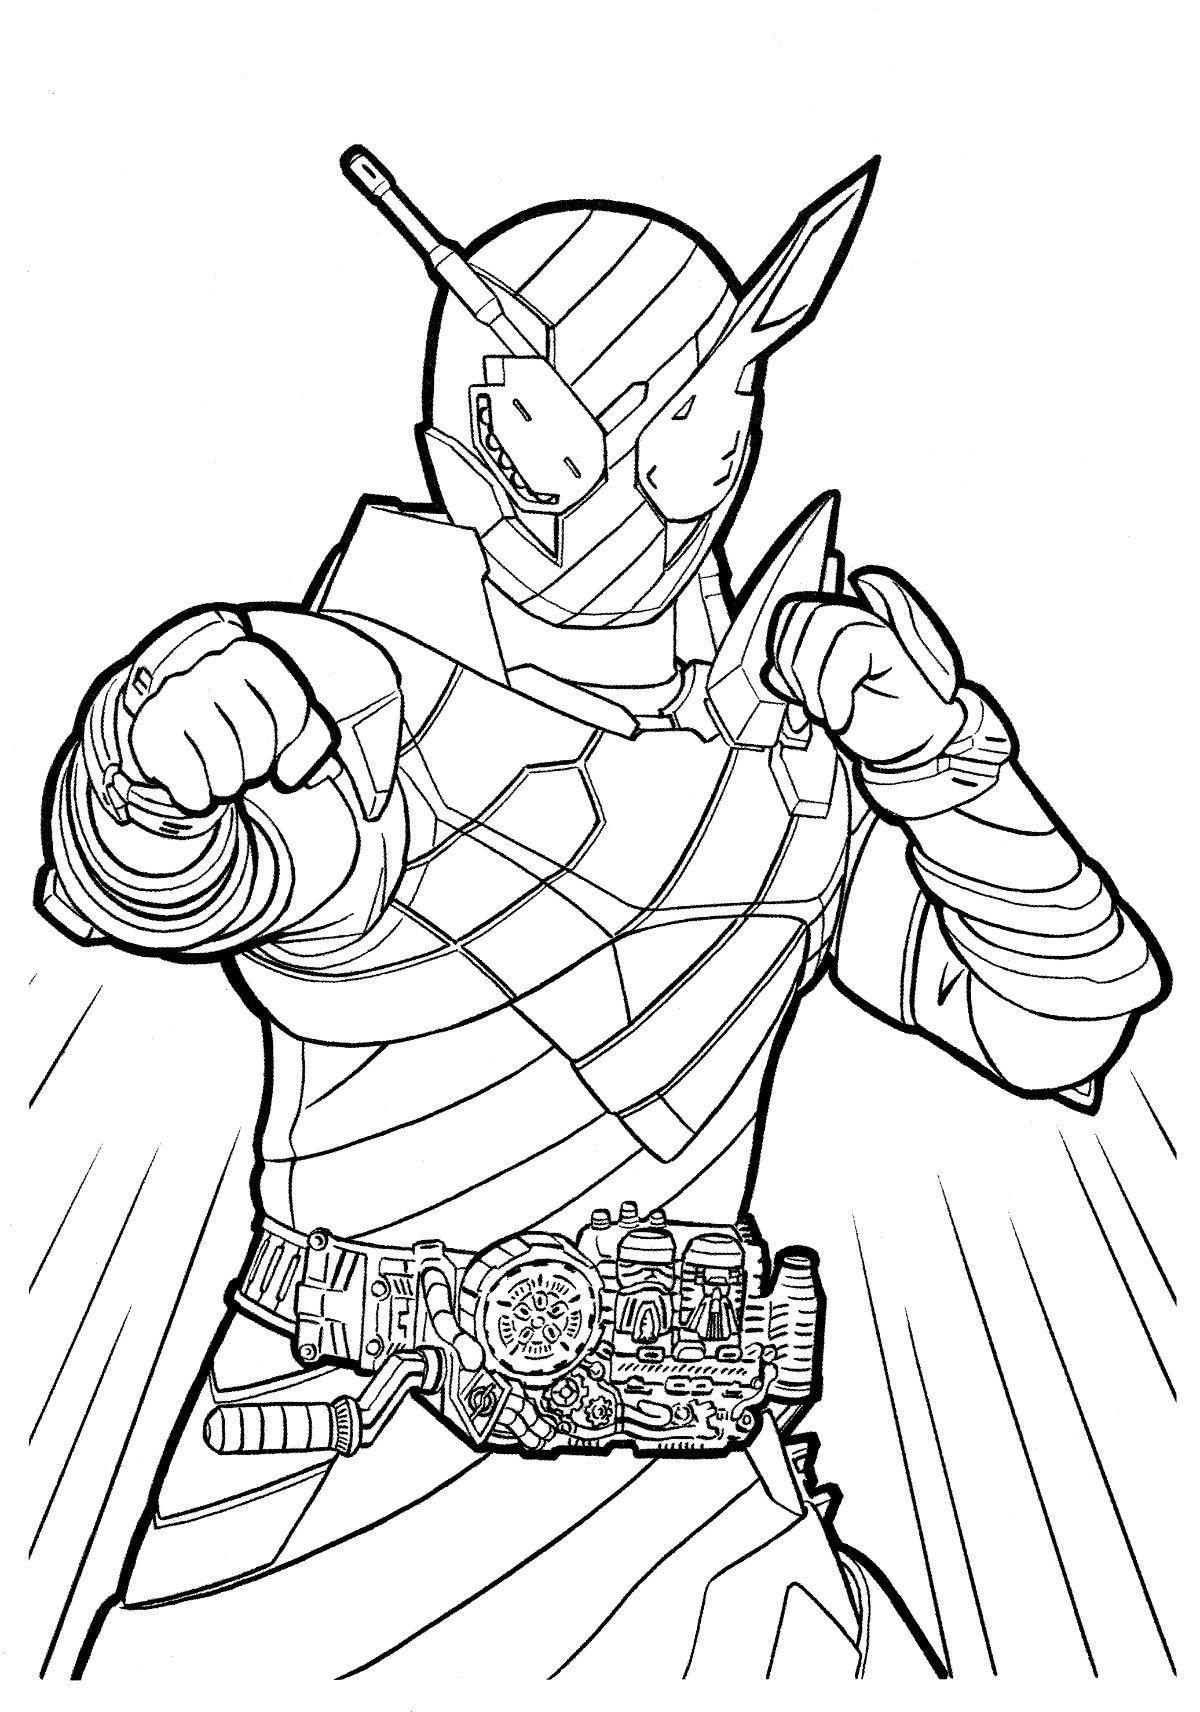 無料 ぬりえ 仮面ライダー の検索結果 yahoo 検索 画像 2021 キャラクター 塗り絵 ぬり絵 仮面ライダービルド